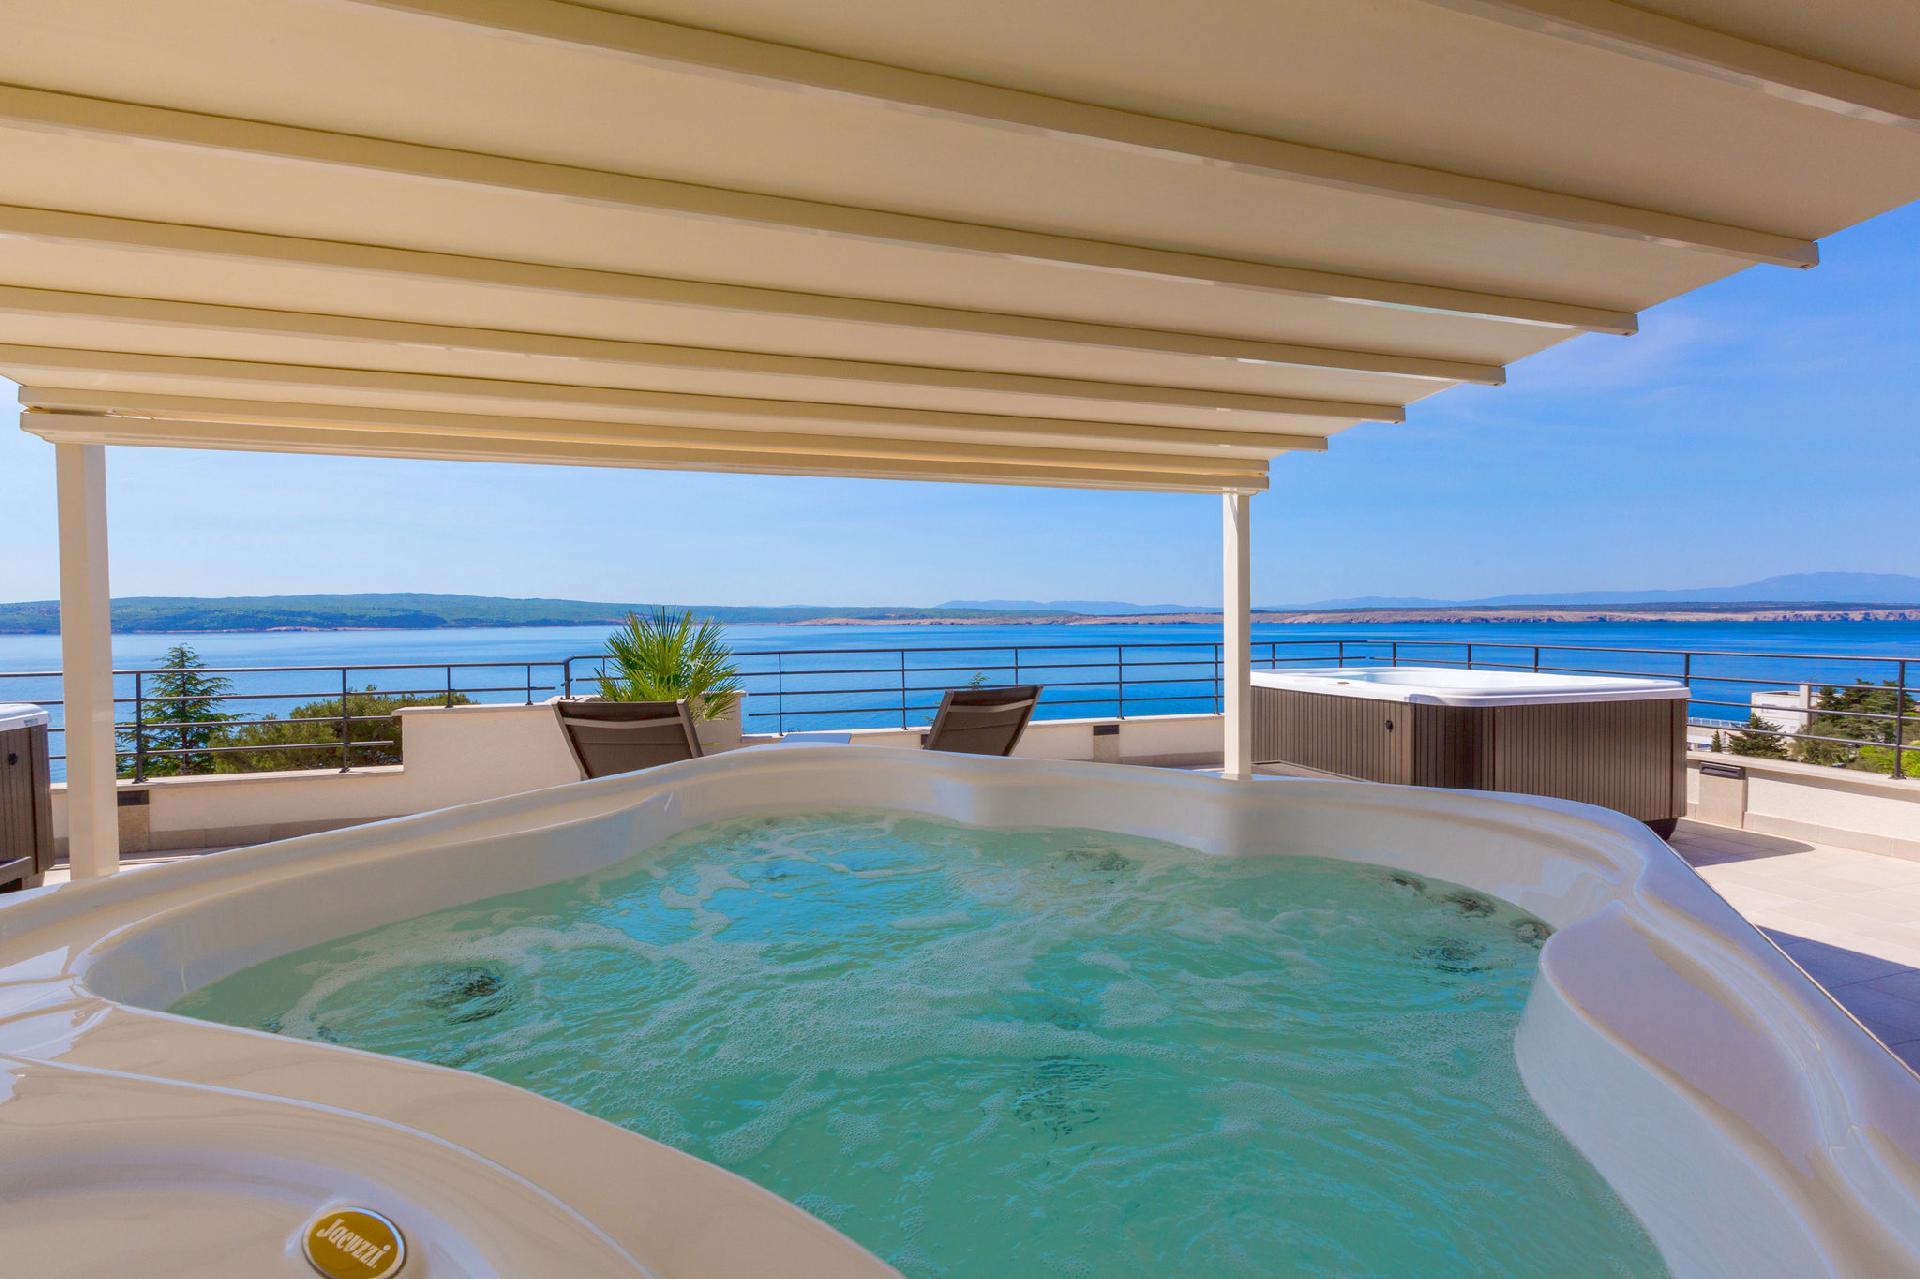 Ferienwohnung für 6 Personen ca. 57 m² i  in Kroatien